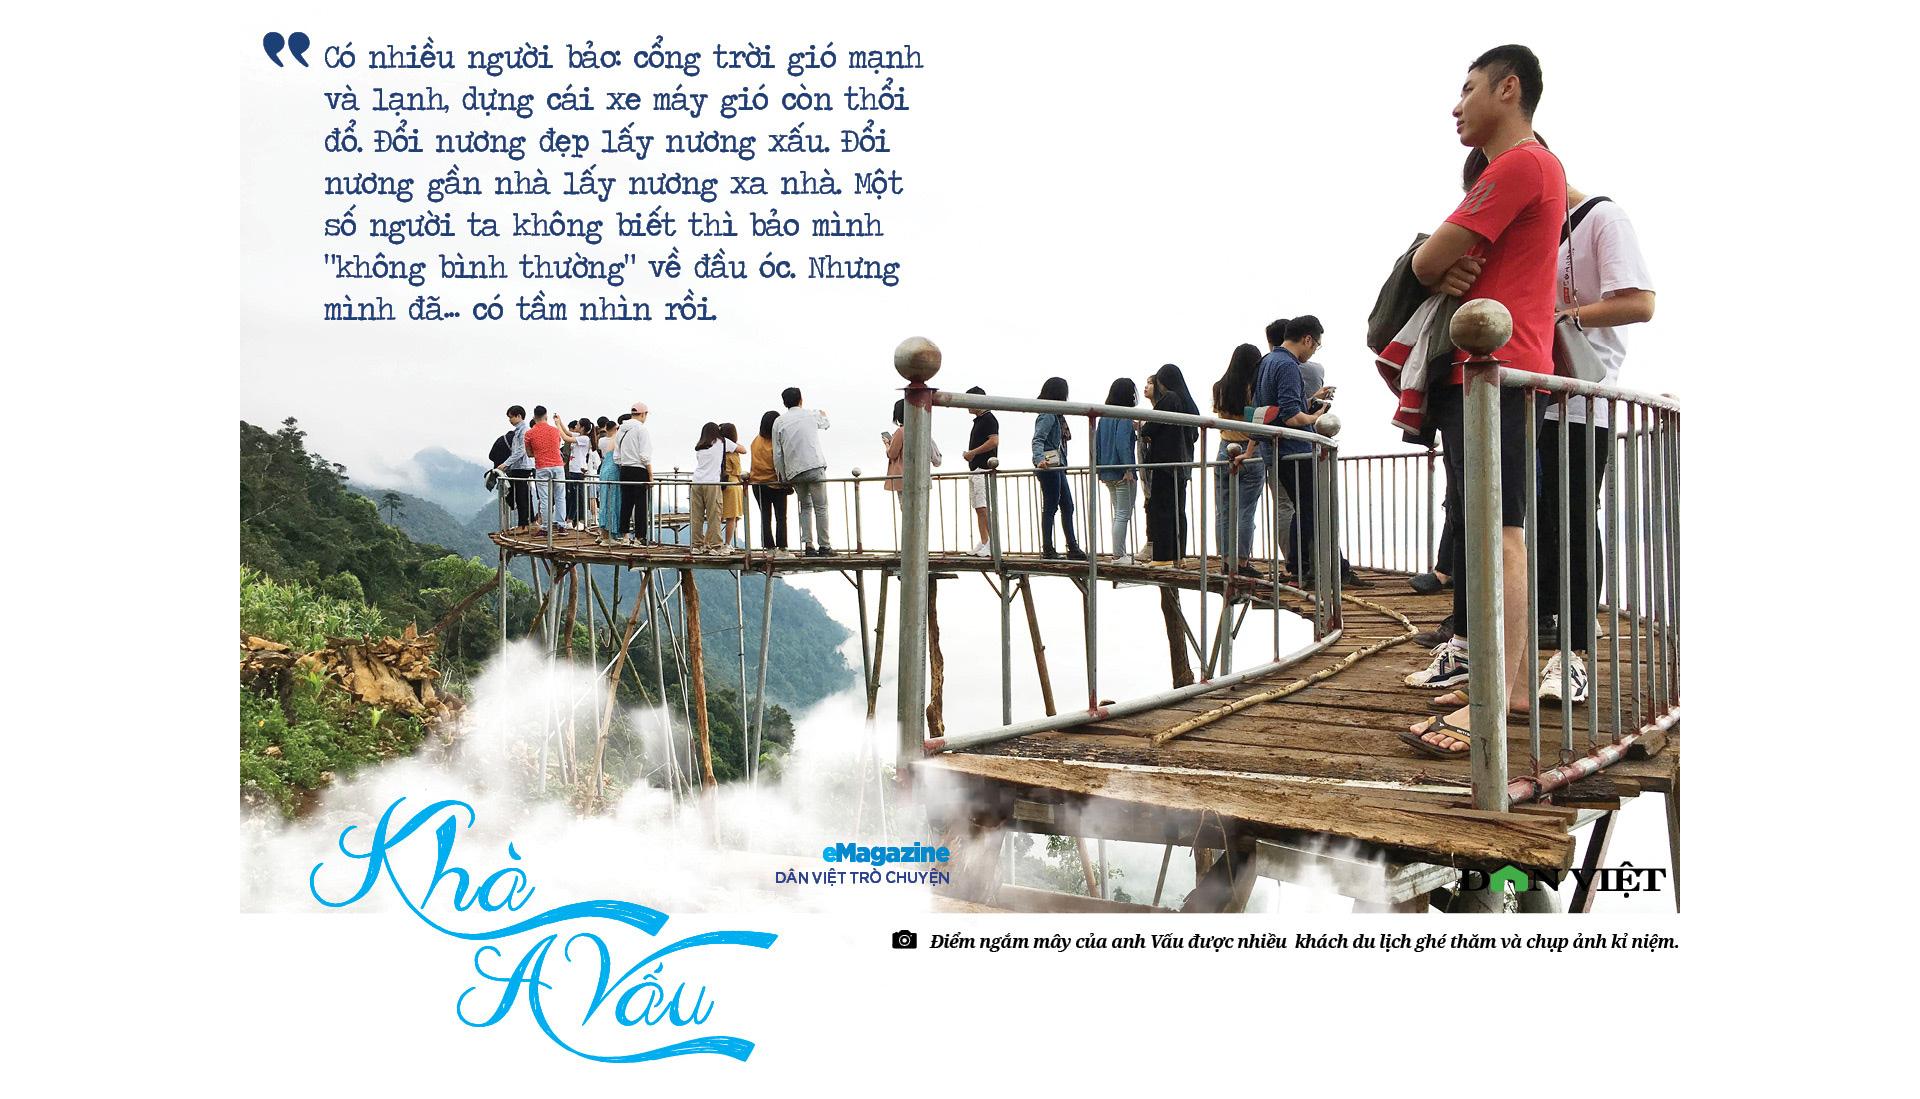 """Dân Việt trò chuyện:Khà A Vấu - vinh danh """"Thiên đường mây"""" trên """"Miền đất lửa"""" - Ảnh 2."""